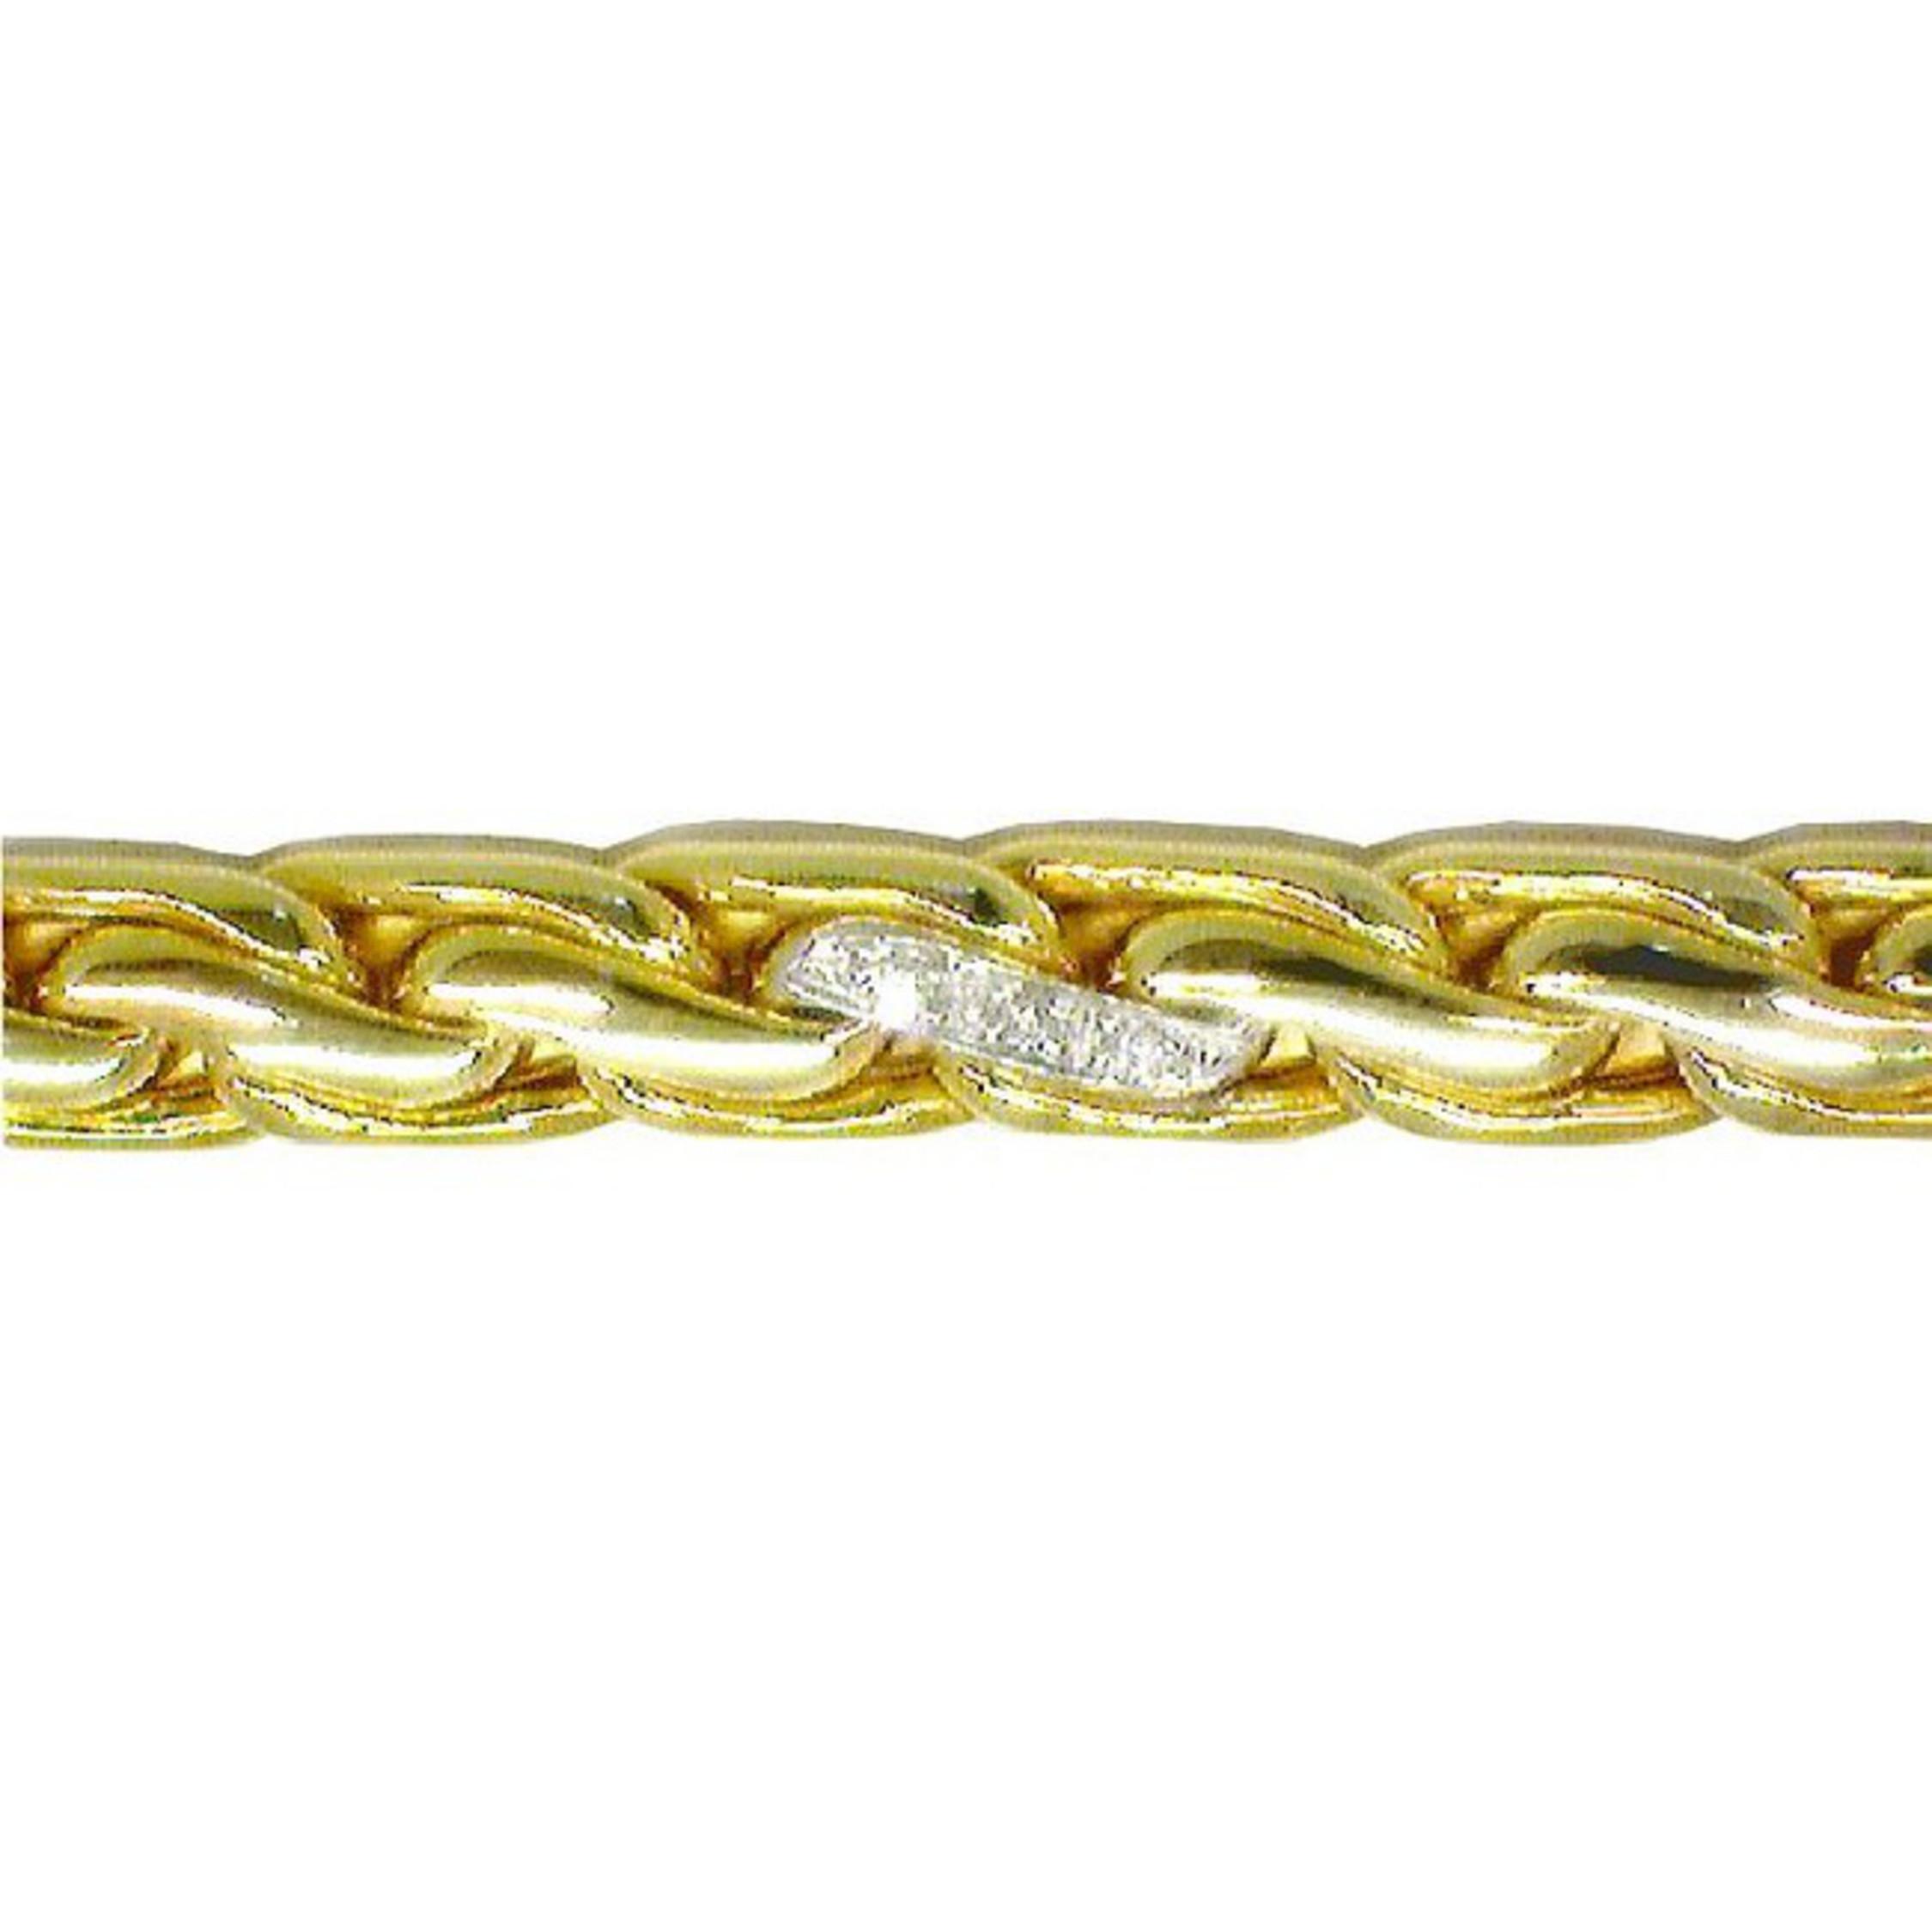 b78195a81b9f Armkette - Gold 585 14K Brillanten 0,18ct bicolor   glitzerzeit.de